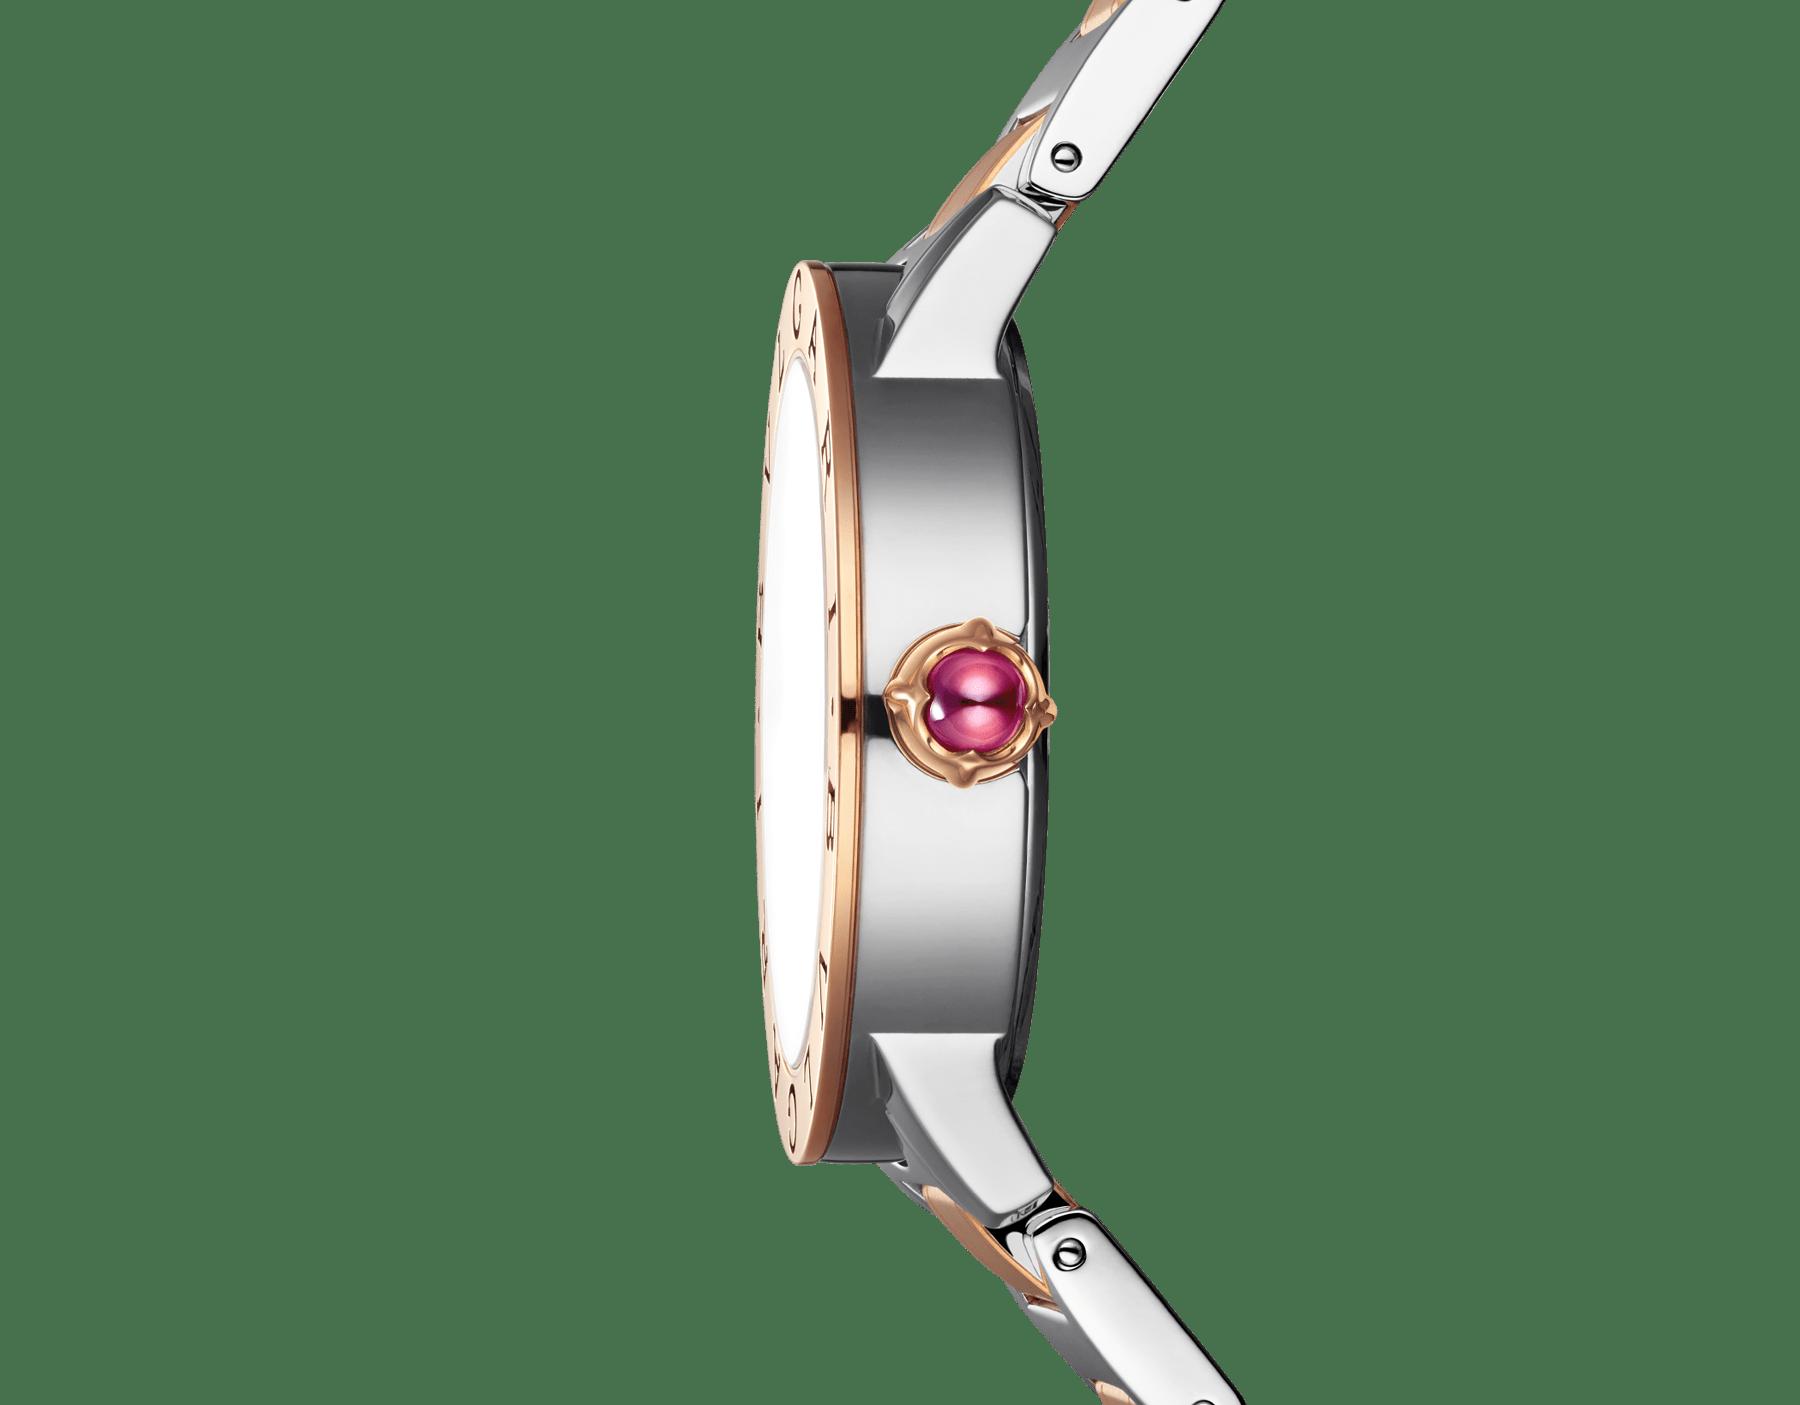 Orologio BVLGARI BVLGARI con cassa e bracciale in acciaio inossidabile e oro rosa 18 kt, quadrante bianco in madreperla e indici con diamanti. Misura media. 101891 image 3